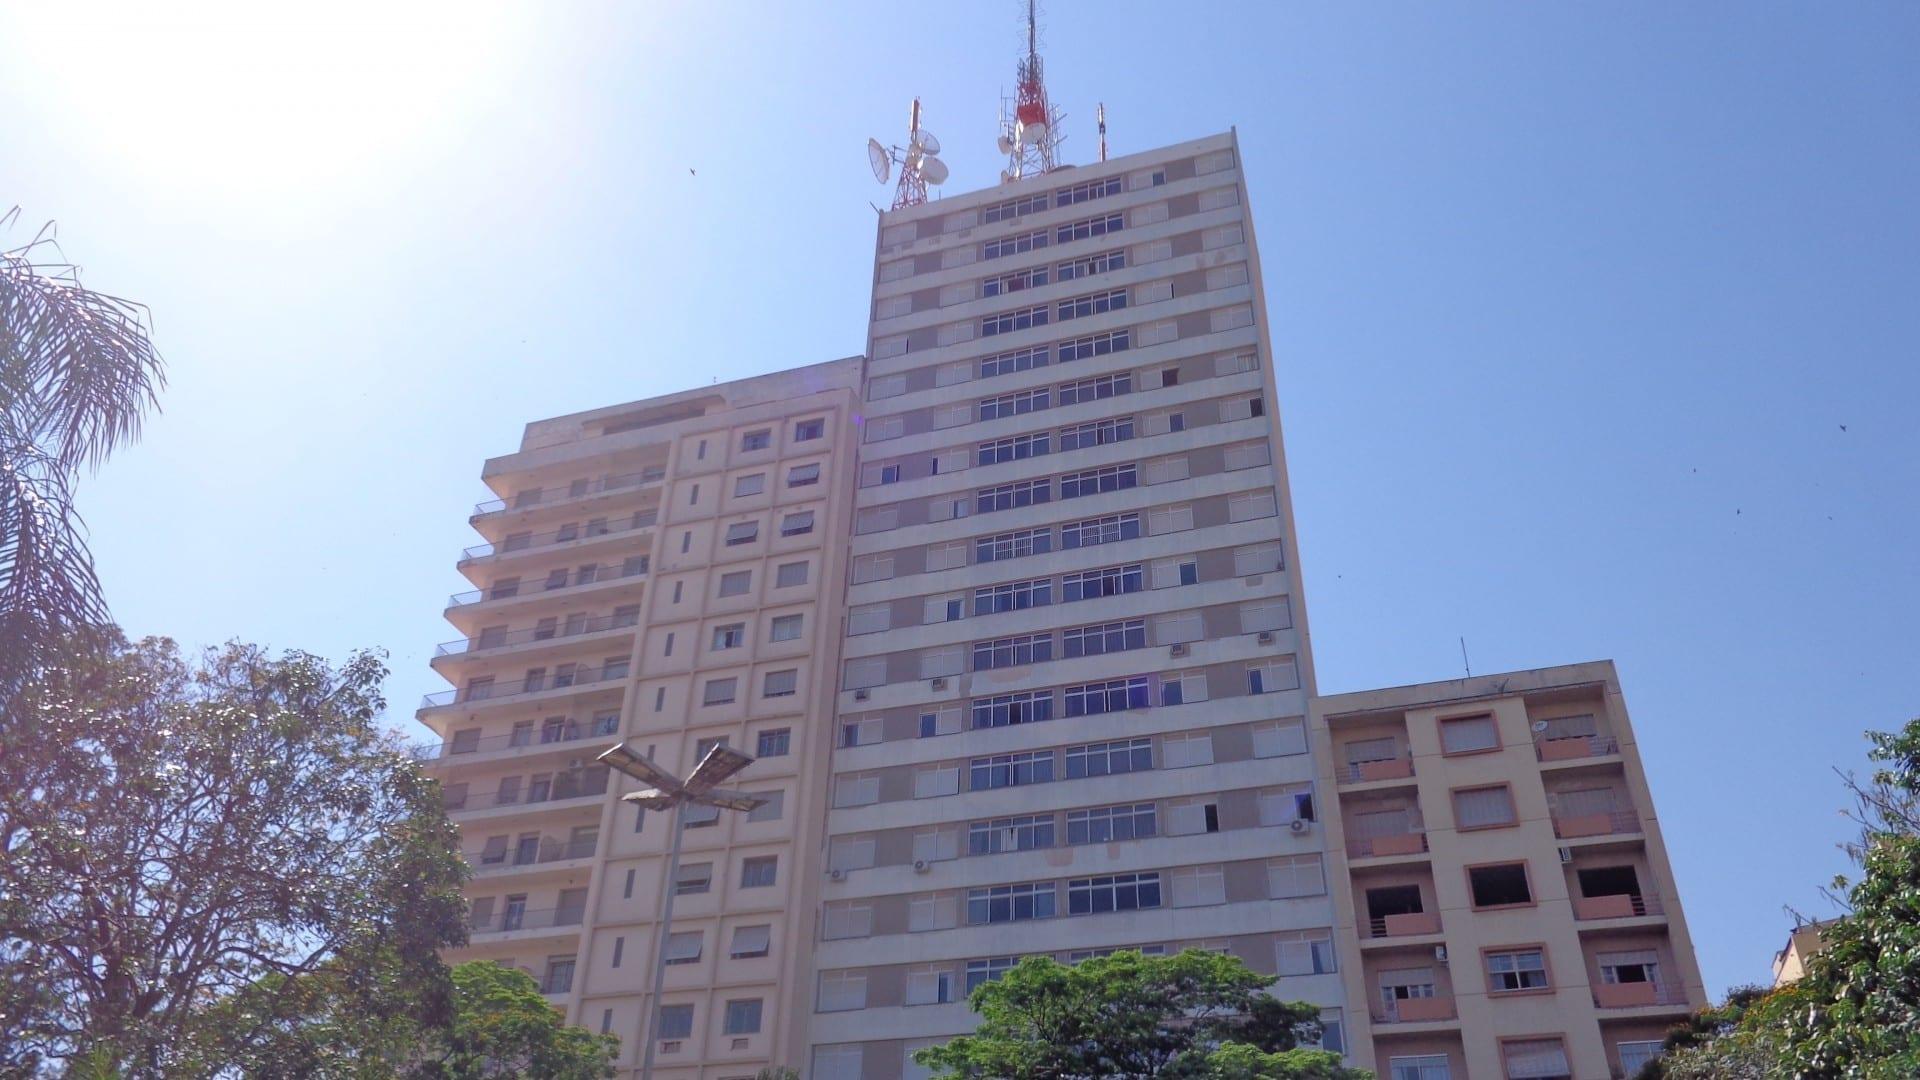 Los edificios de los pioneros Presidente Prudente Brasil